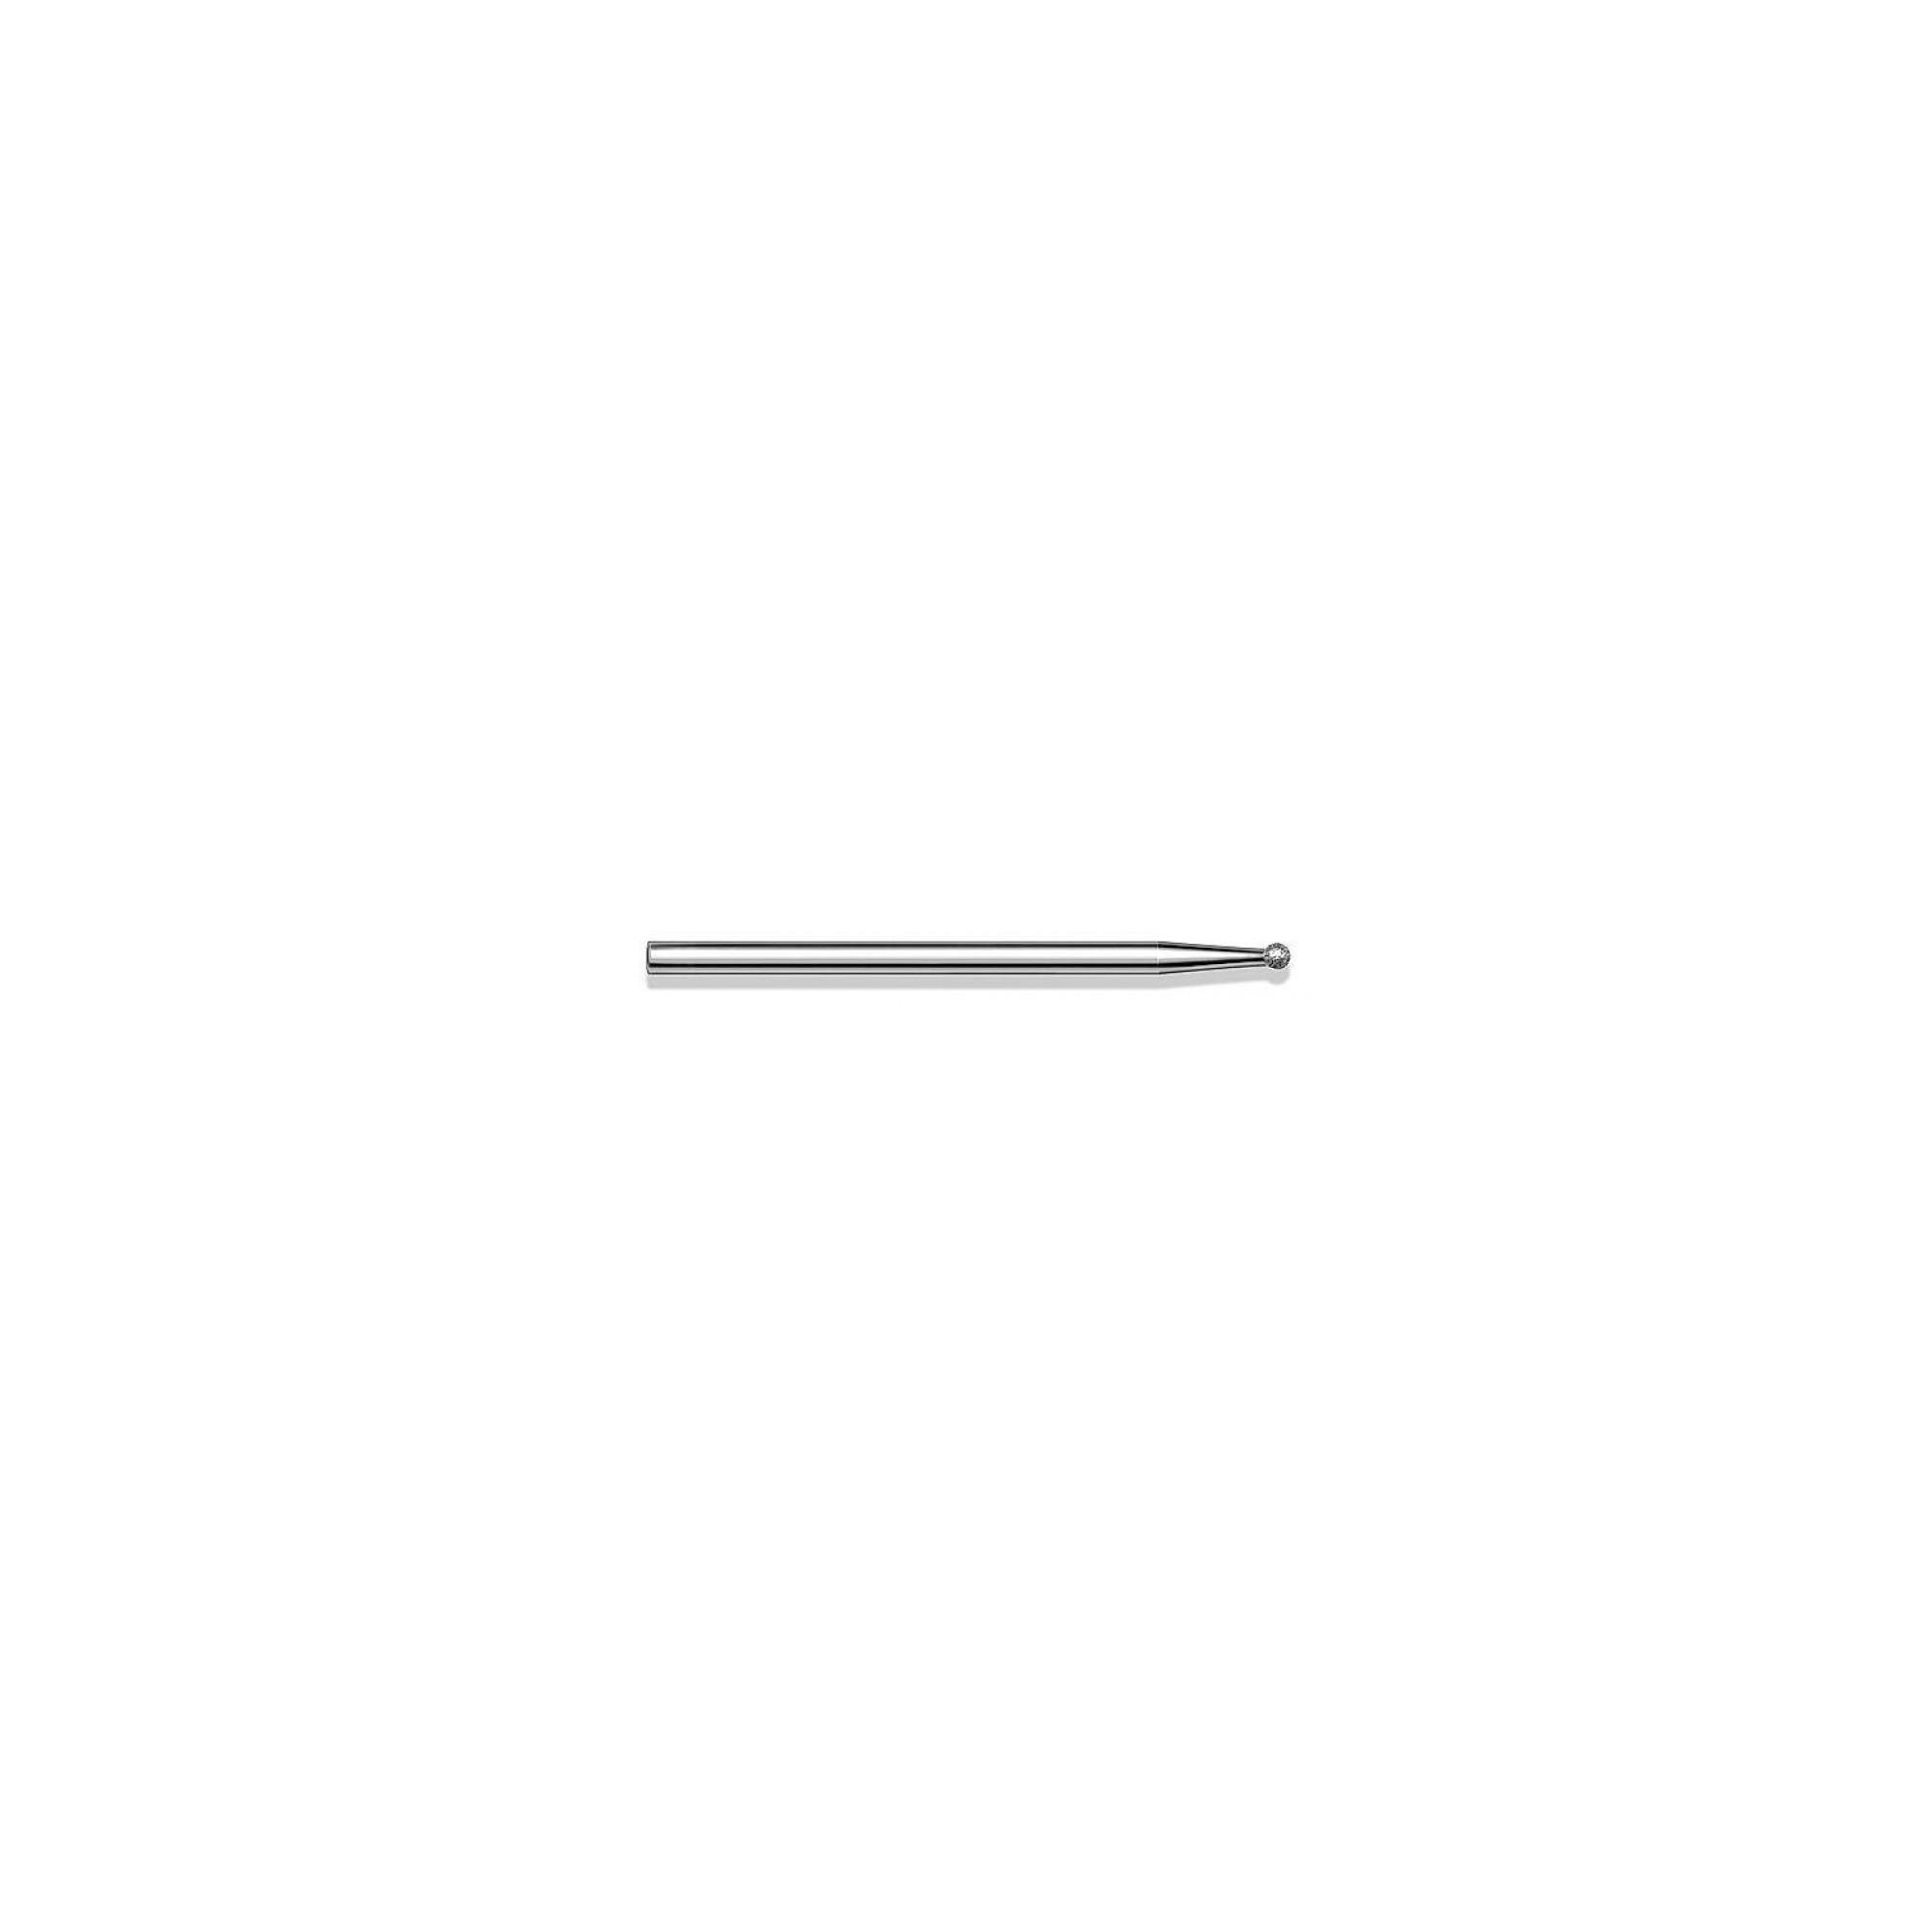 Fraise diamantée standard - Lissage des ongles et des callosités - Enucléation - Grain moyen - Pack de 2 fraises - ø1,8mm